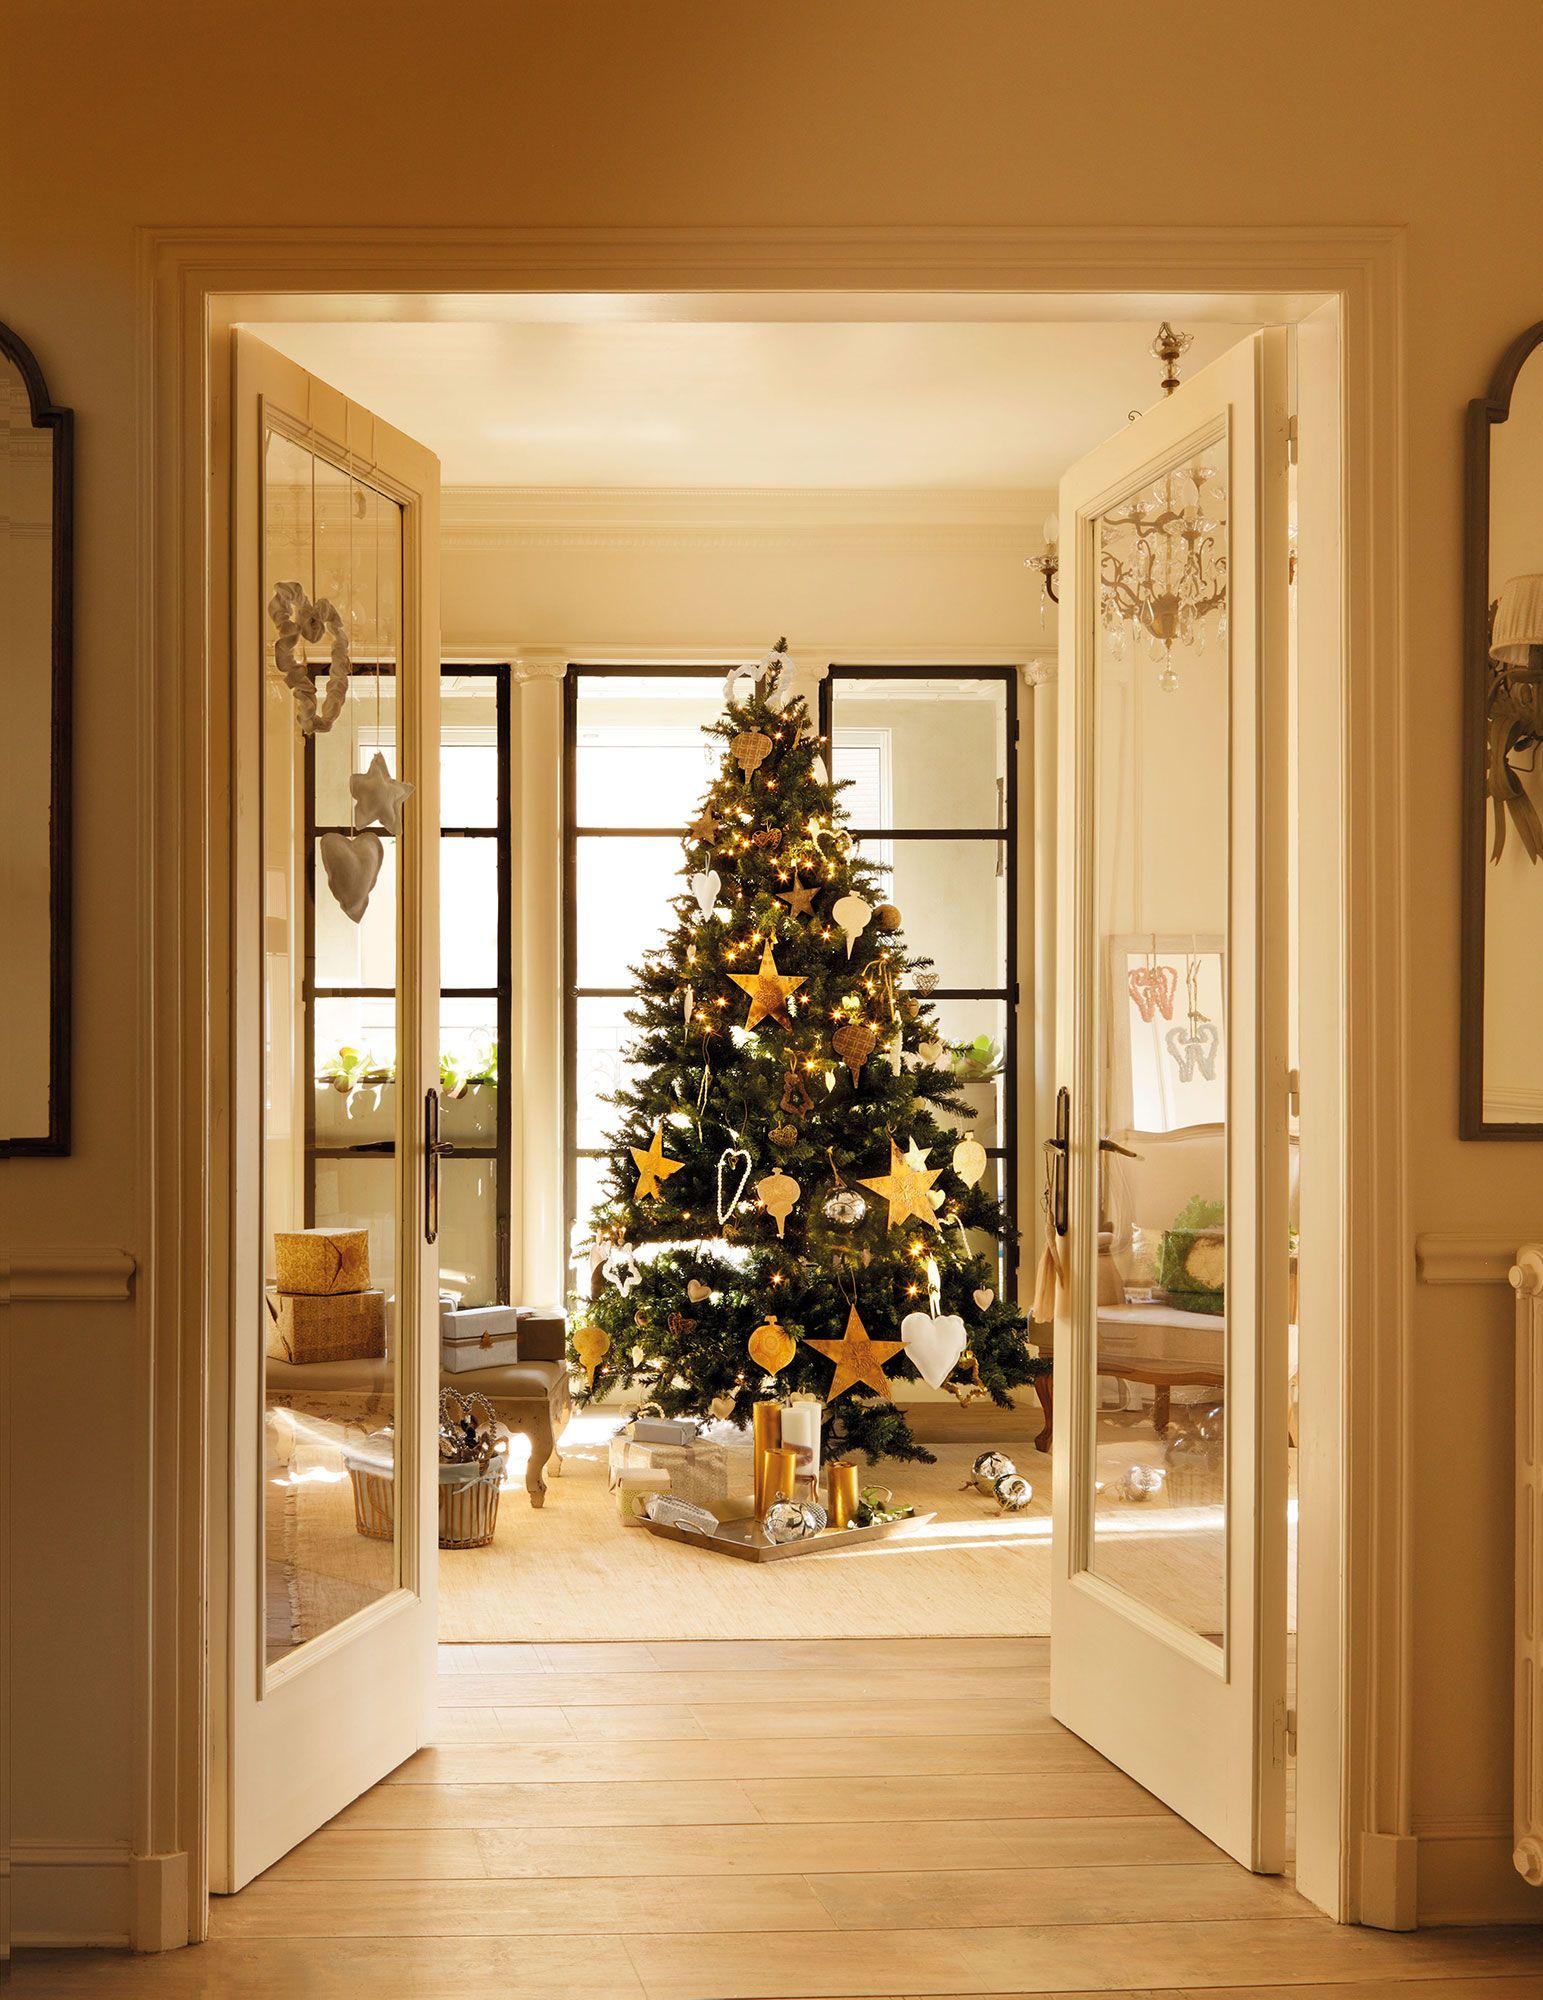 8b2b755024e1f Árbol de Navidad con adornos dorados